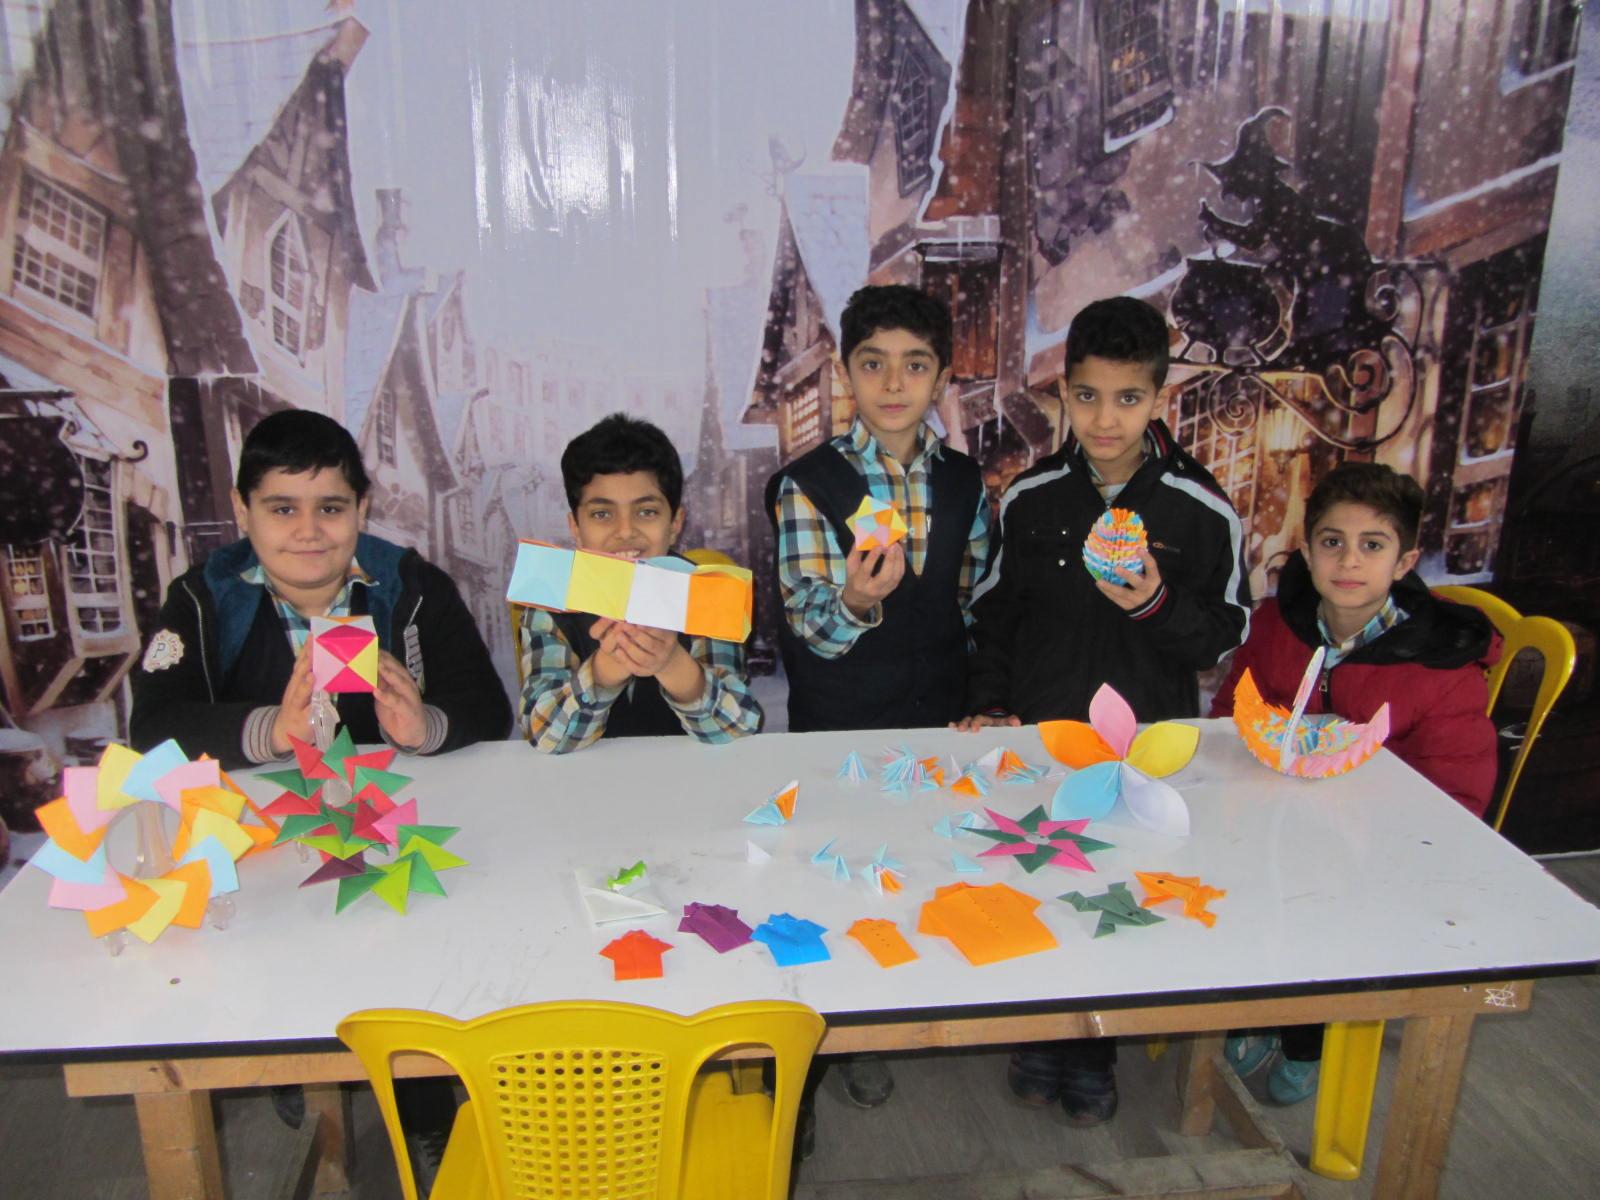 طراحی و ابداعات دانش آموزان دبستان فروغ دانش